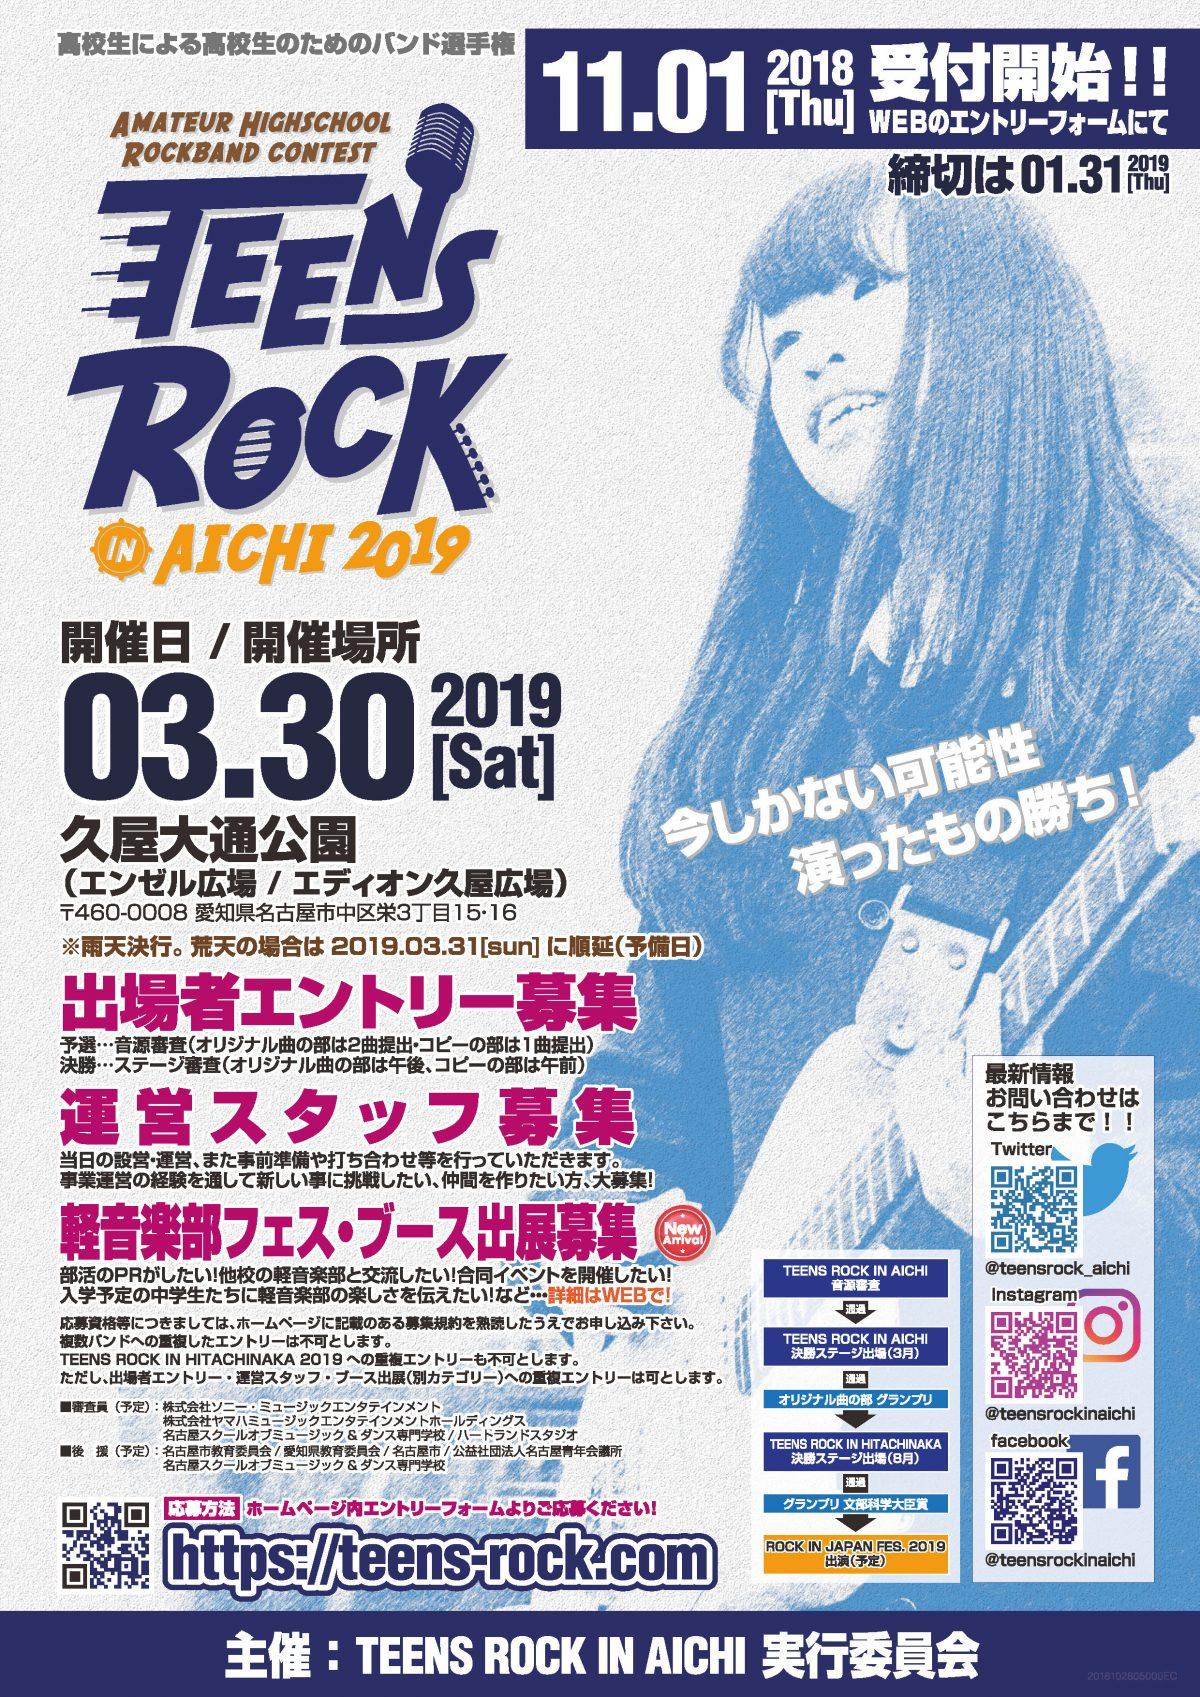 高校生による高校生のためのバンド選手権、TEENS ROCK IN AICHI 2019